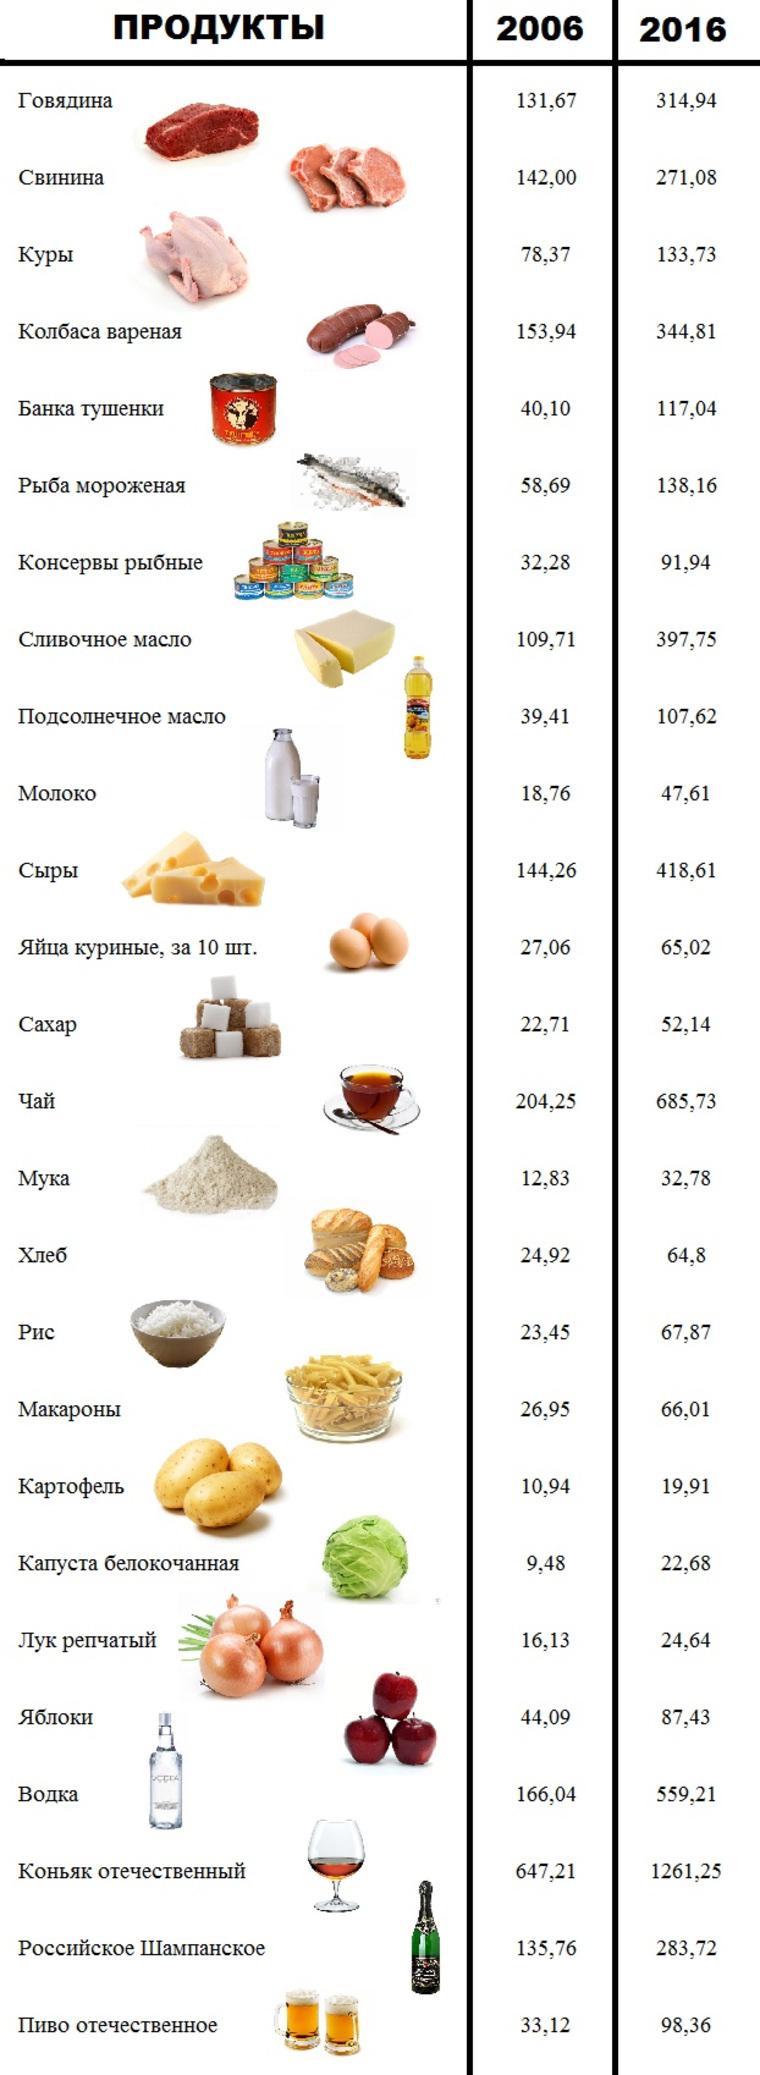 Динамика цен на продукты с 2006 по 2016